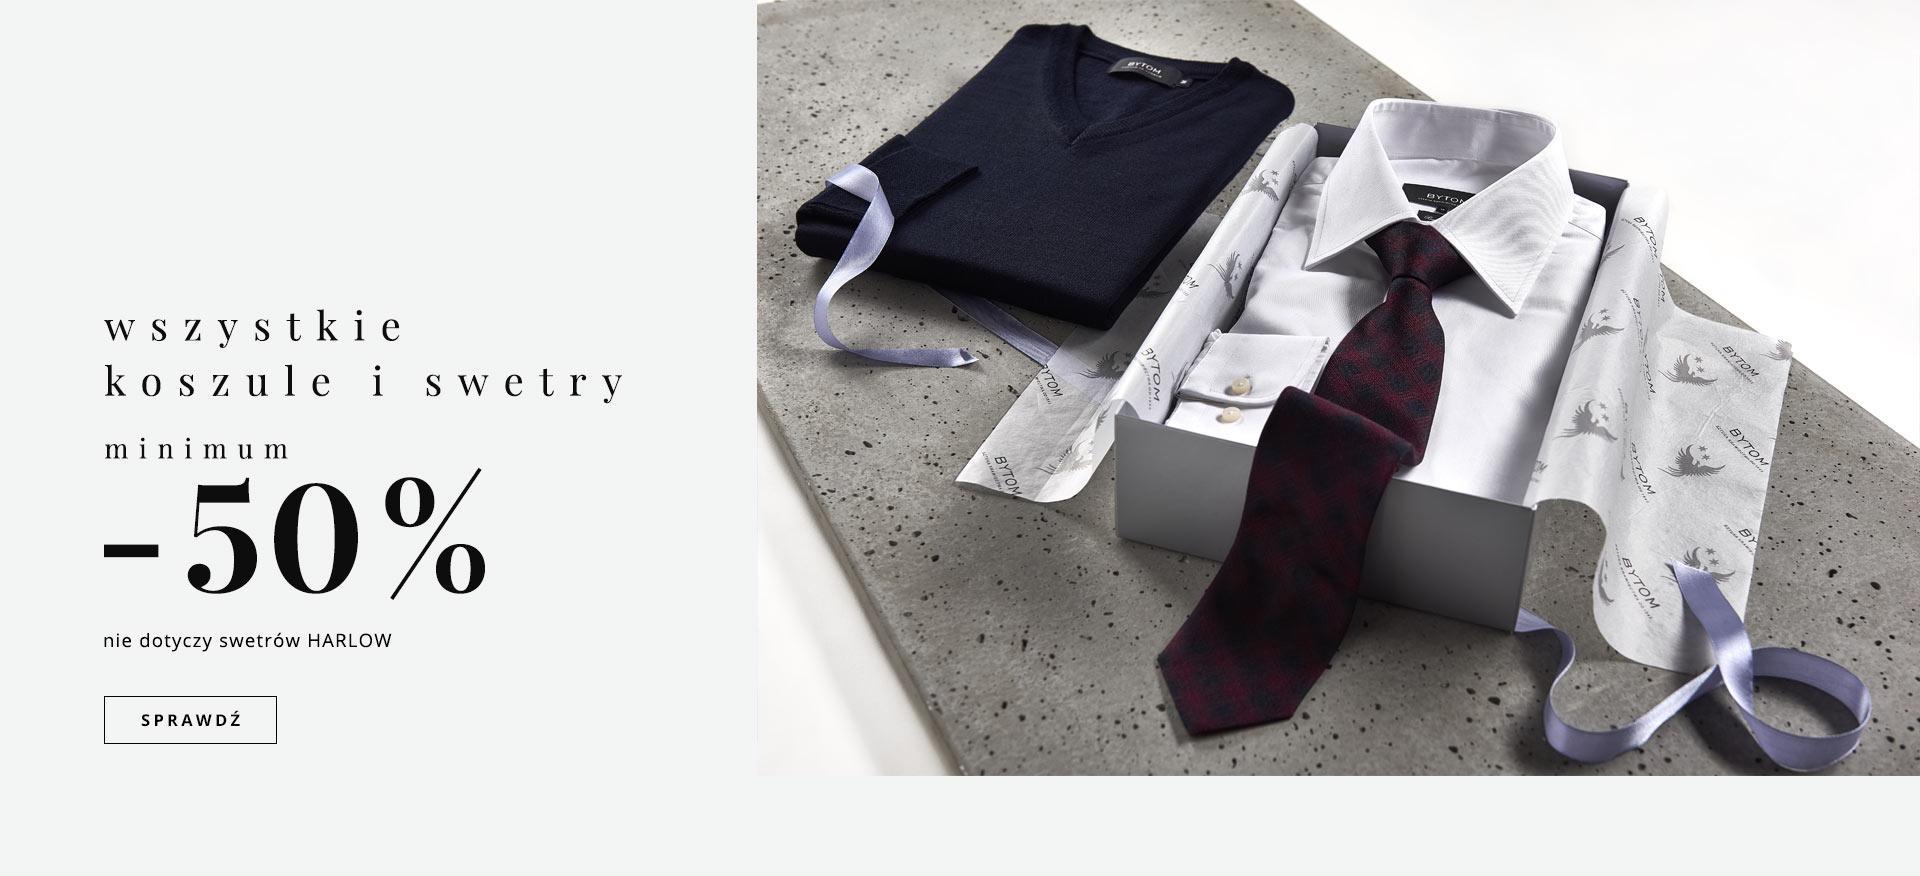 Minimum 50% rabatu na koszule i swetry (ceny od 50zł) @ Bytom